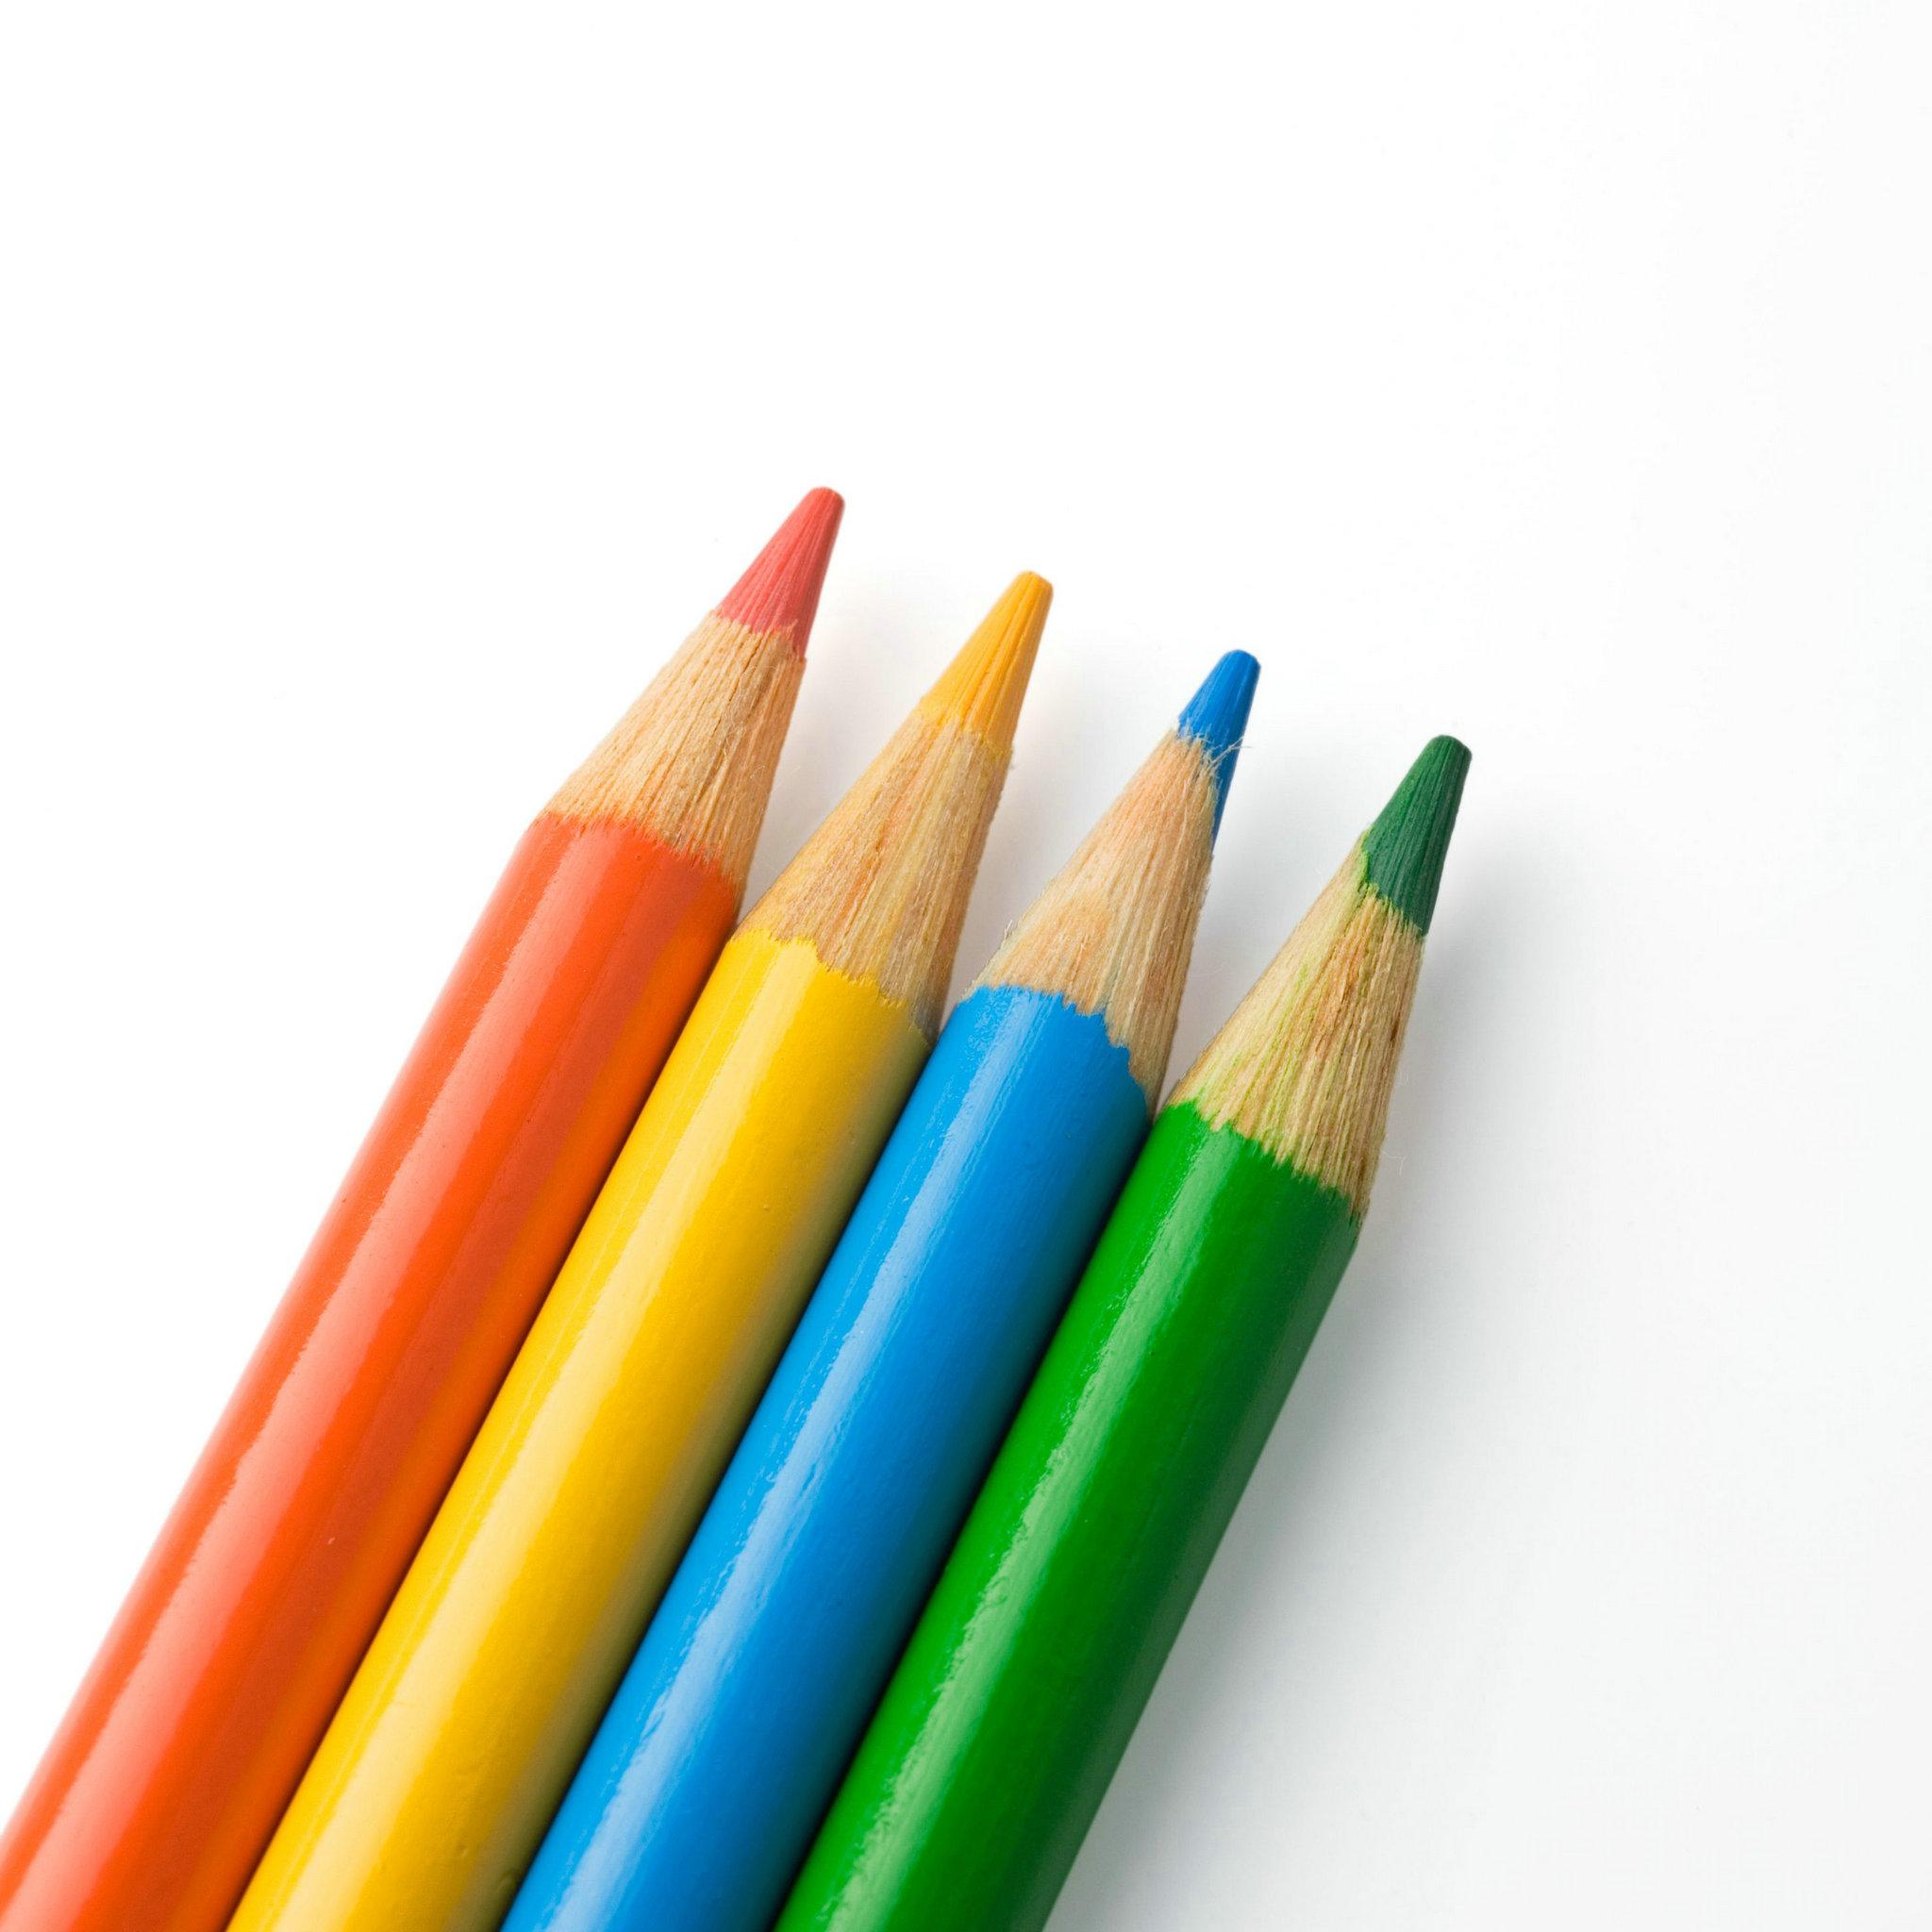 2048x2048 Pencil Clipart Rainbow